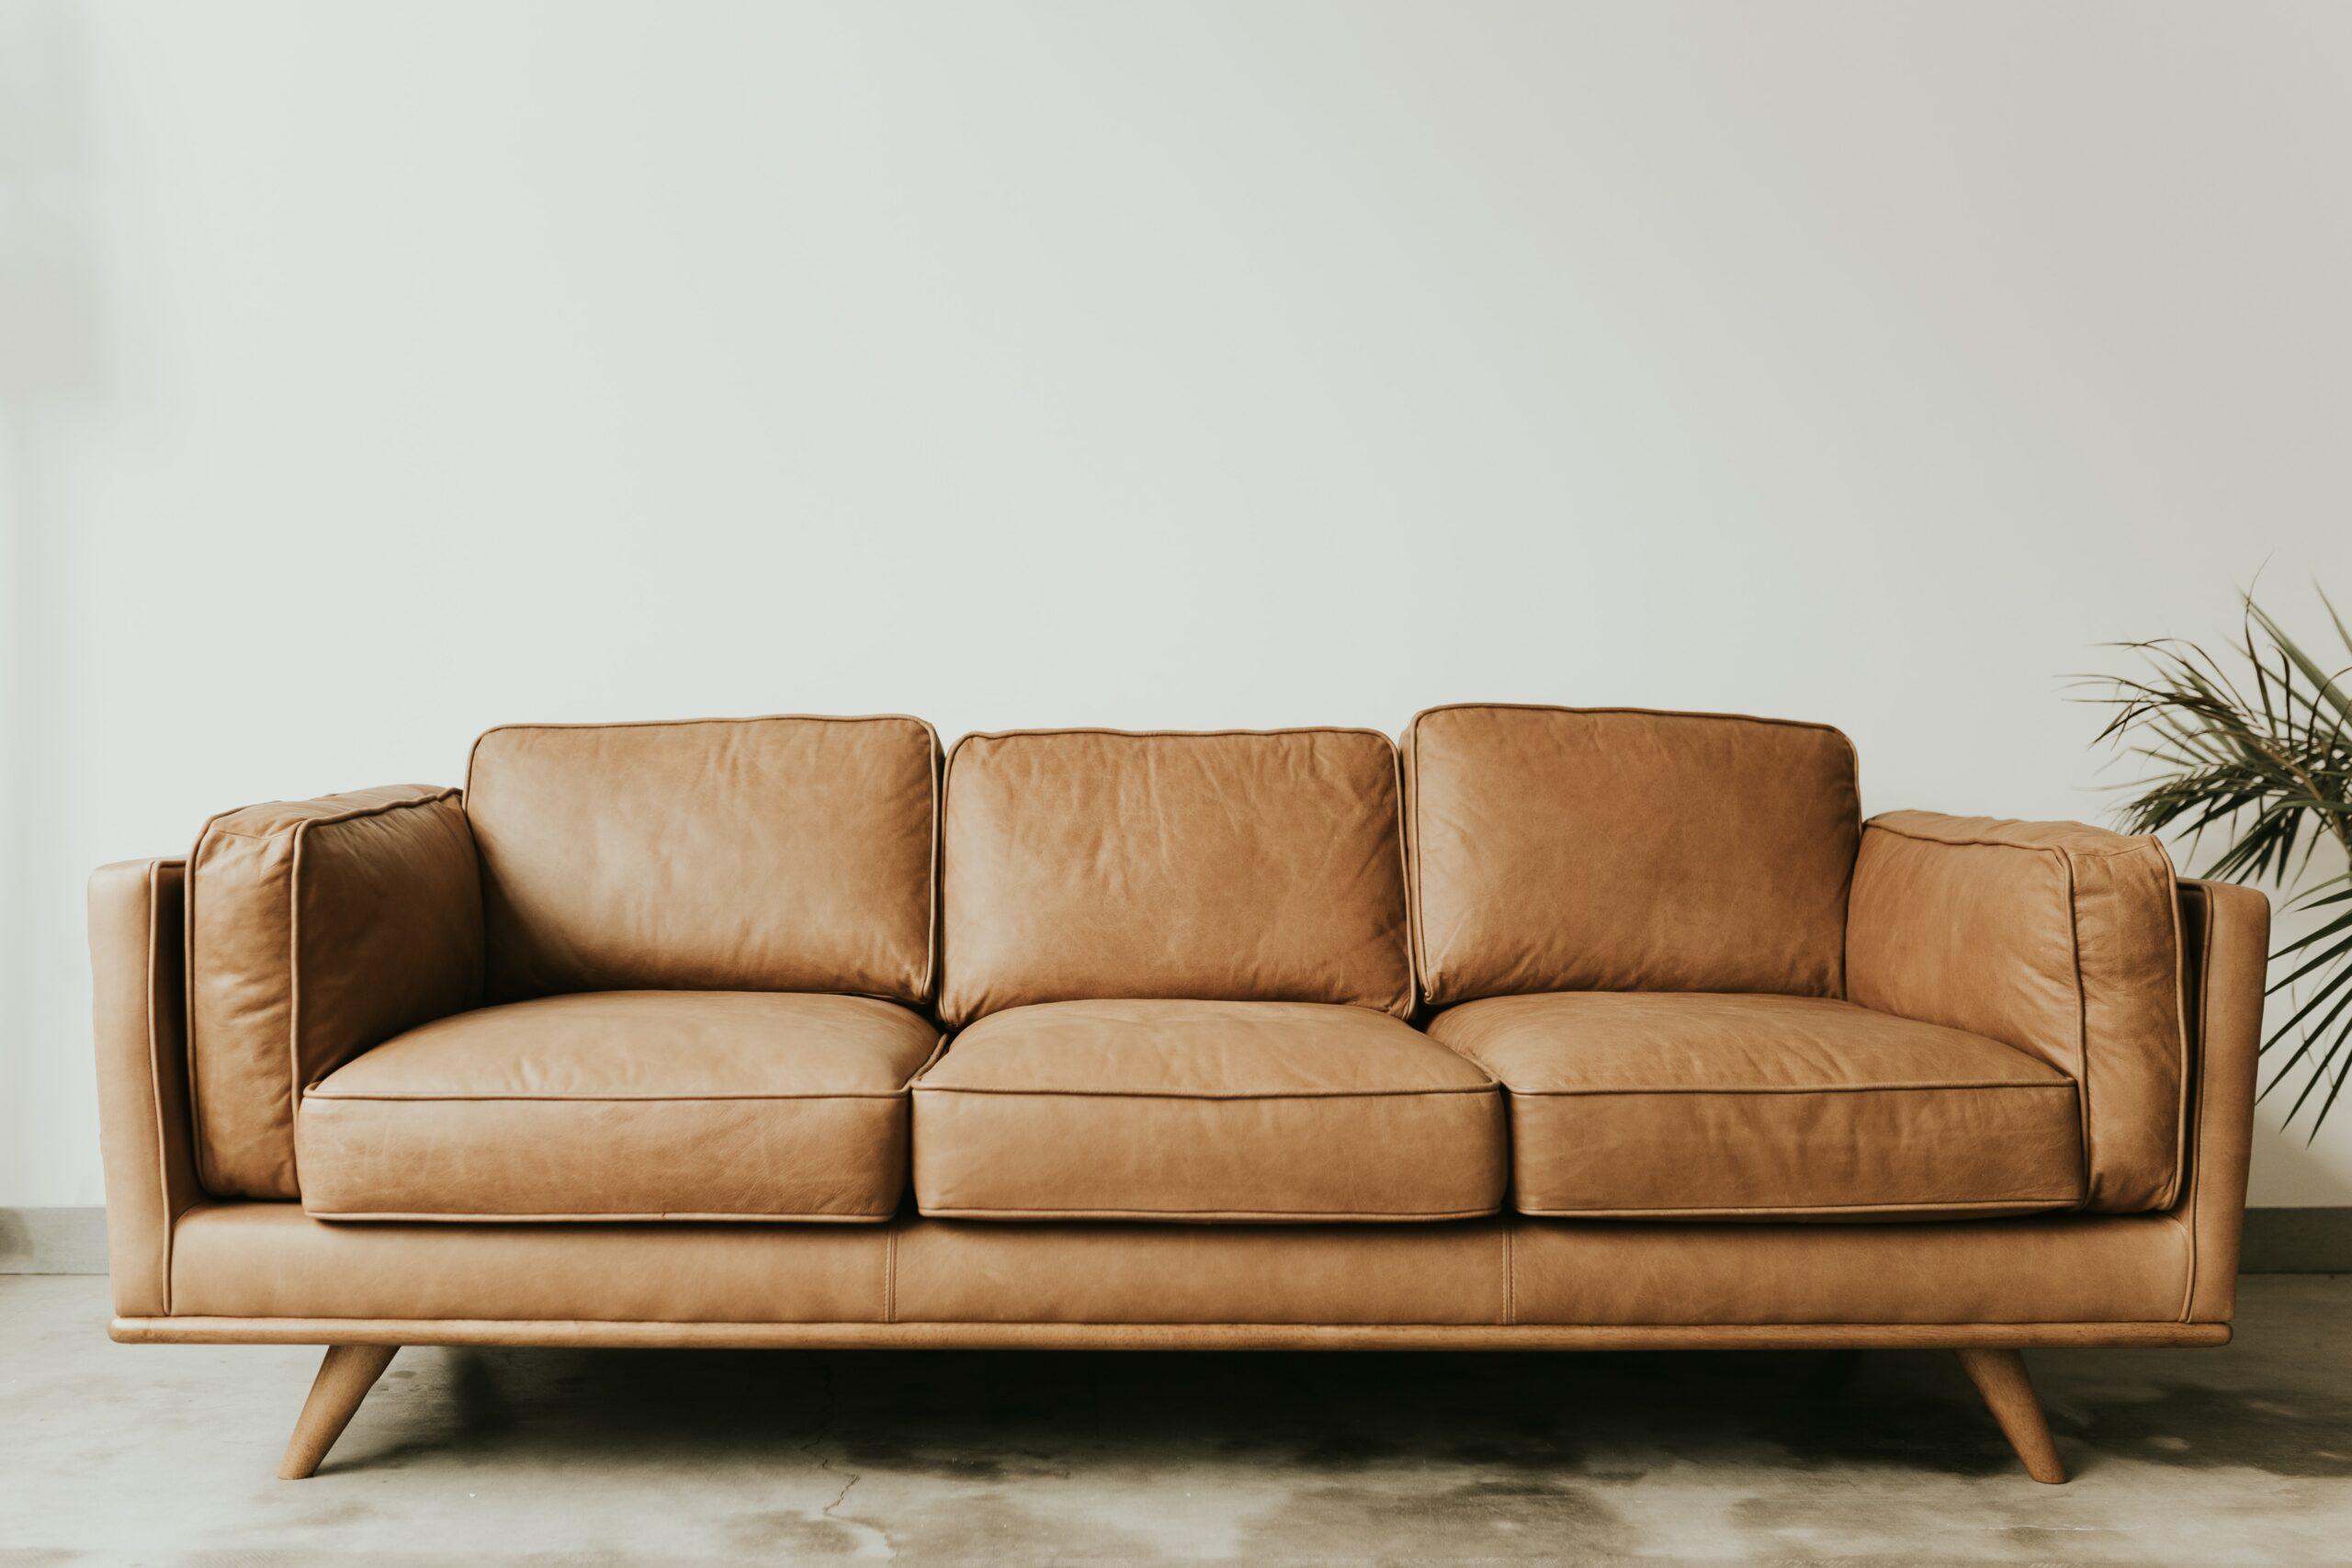 オフィスのどこにどんなソファを置くかがポイント